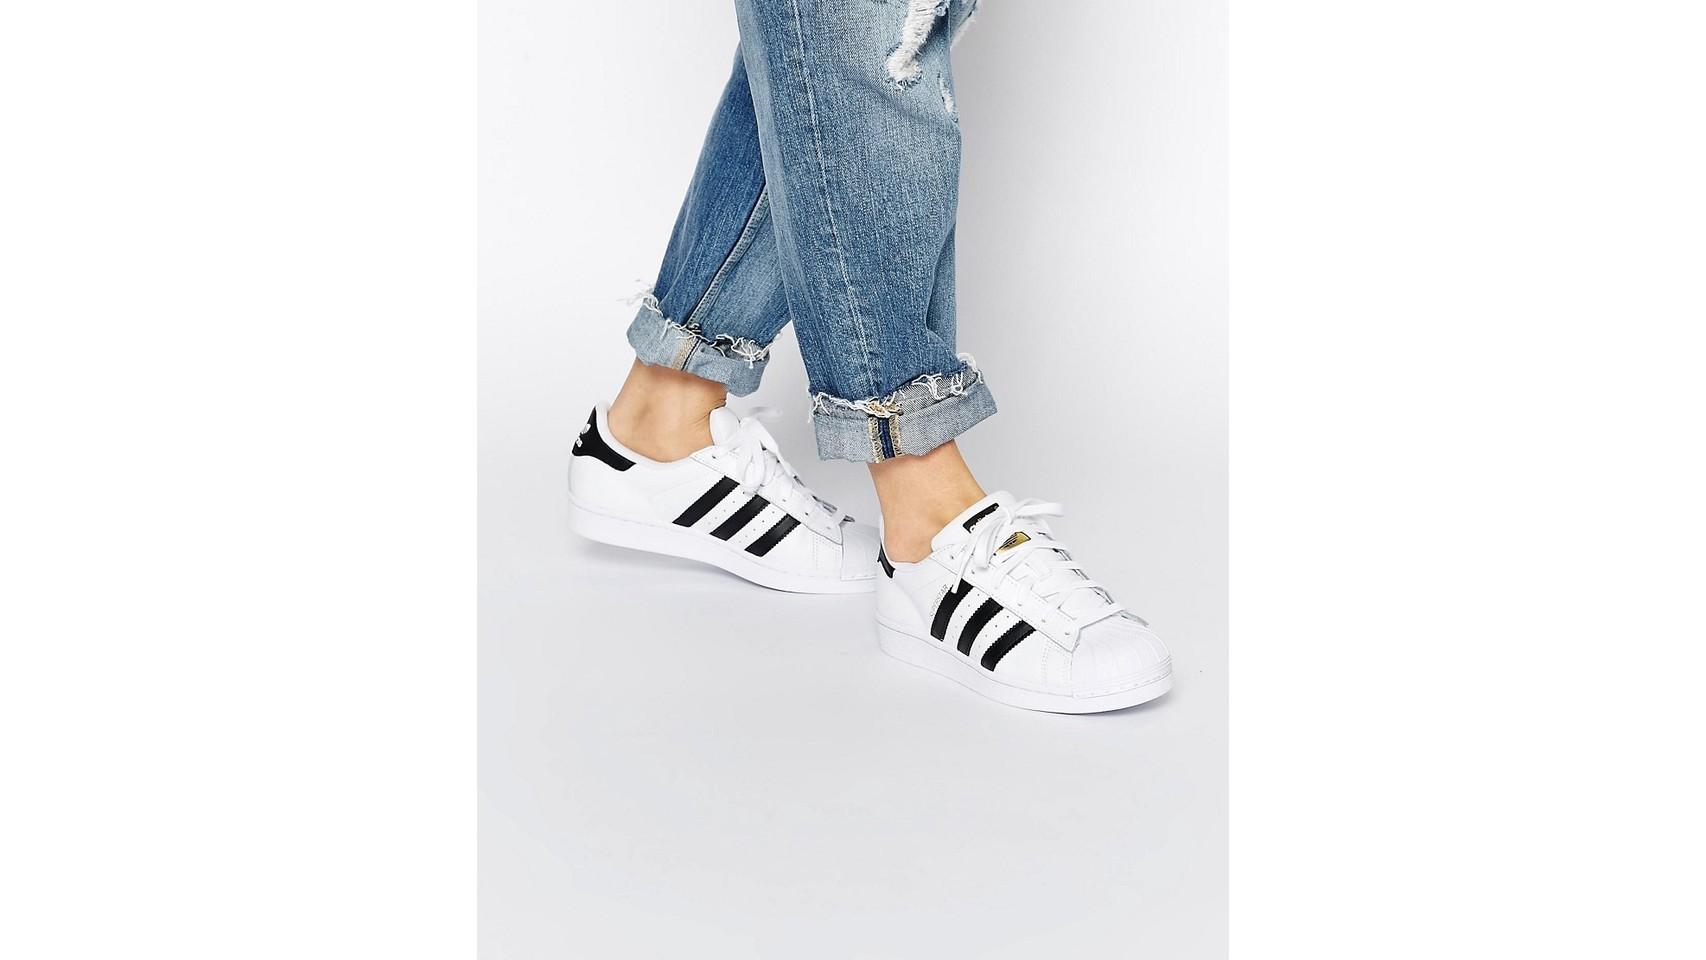 Zapatillas de deporte en blanco y negro Superstar de adidas Originals.